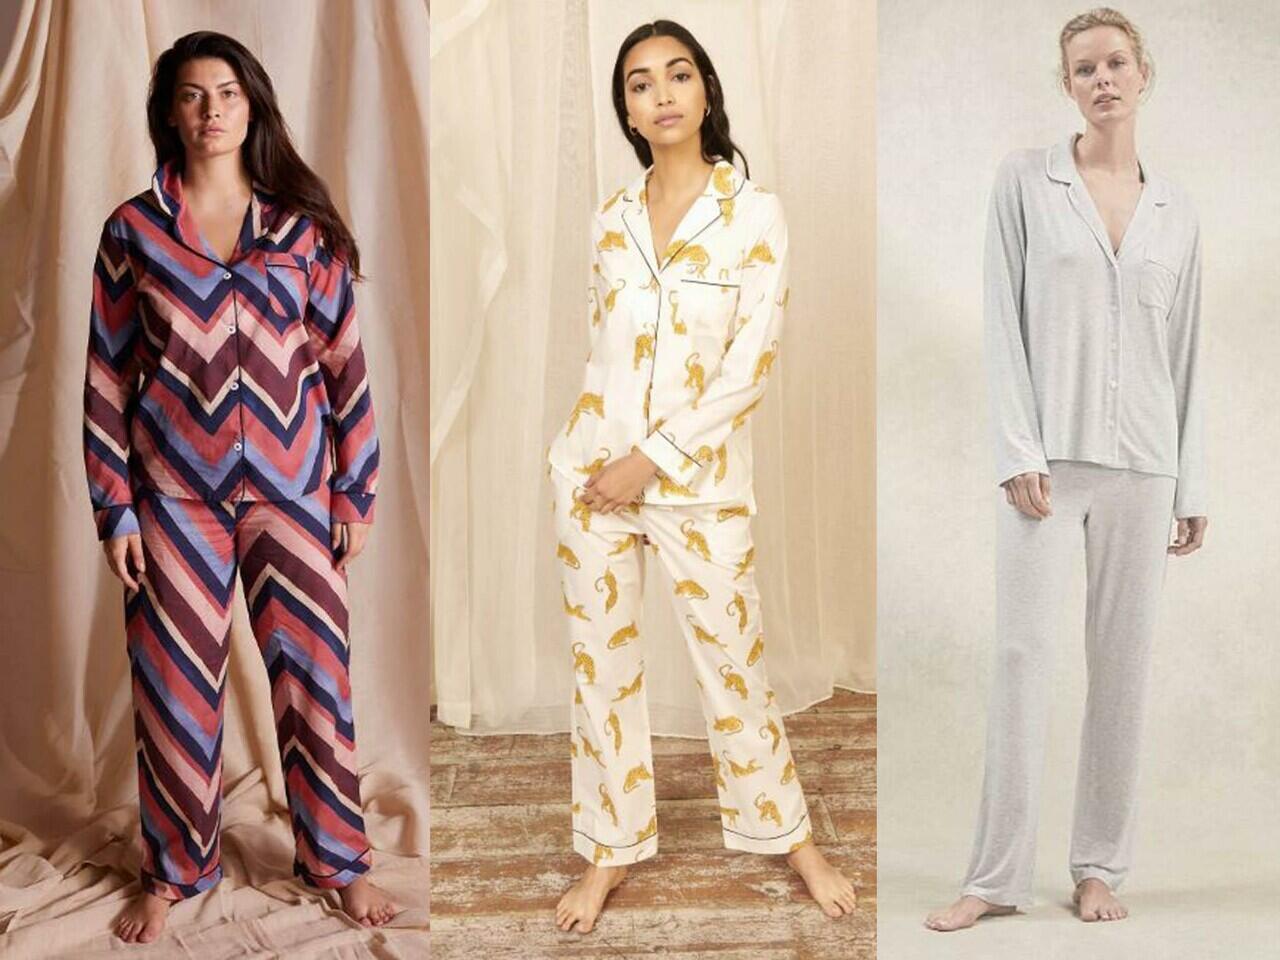 Wanita dengan Piyama/Baju Tidur membuat Wanita terlihat Lebih Sexi, iya gak sih?